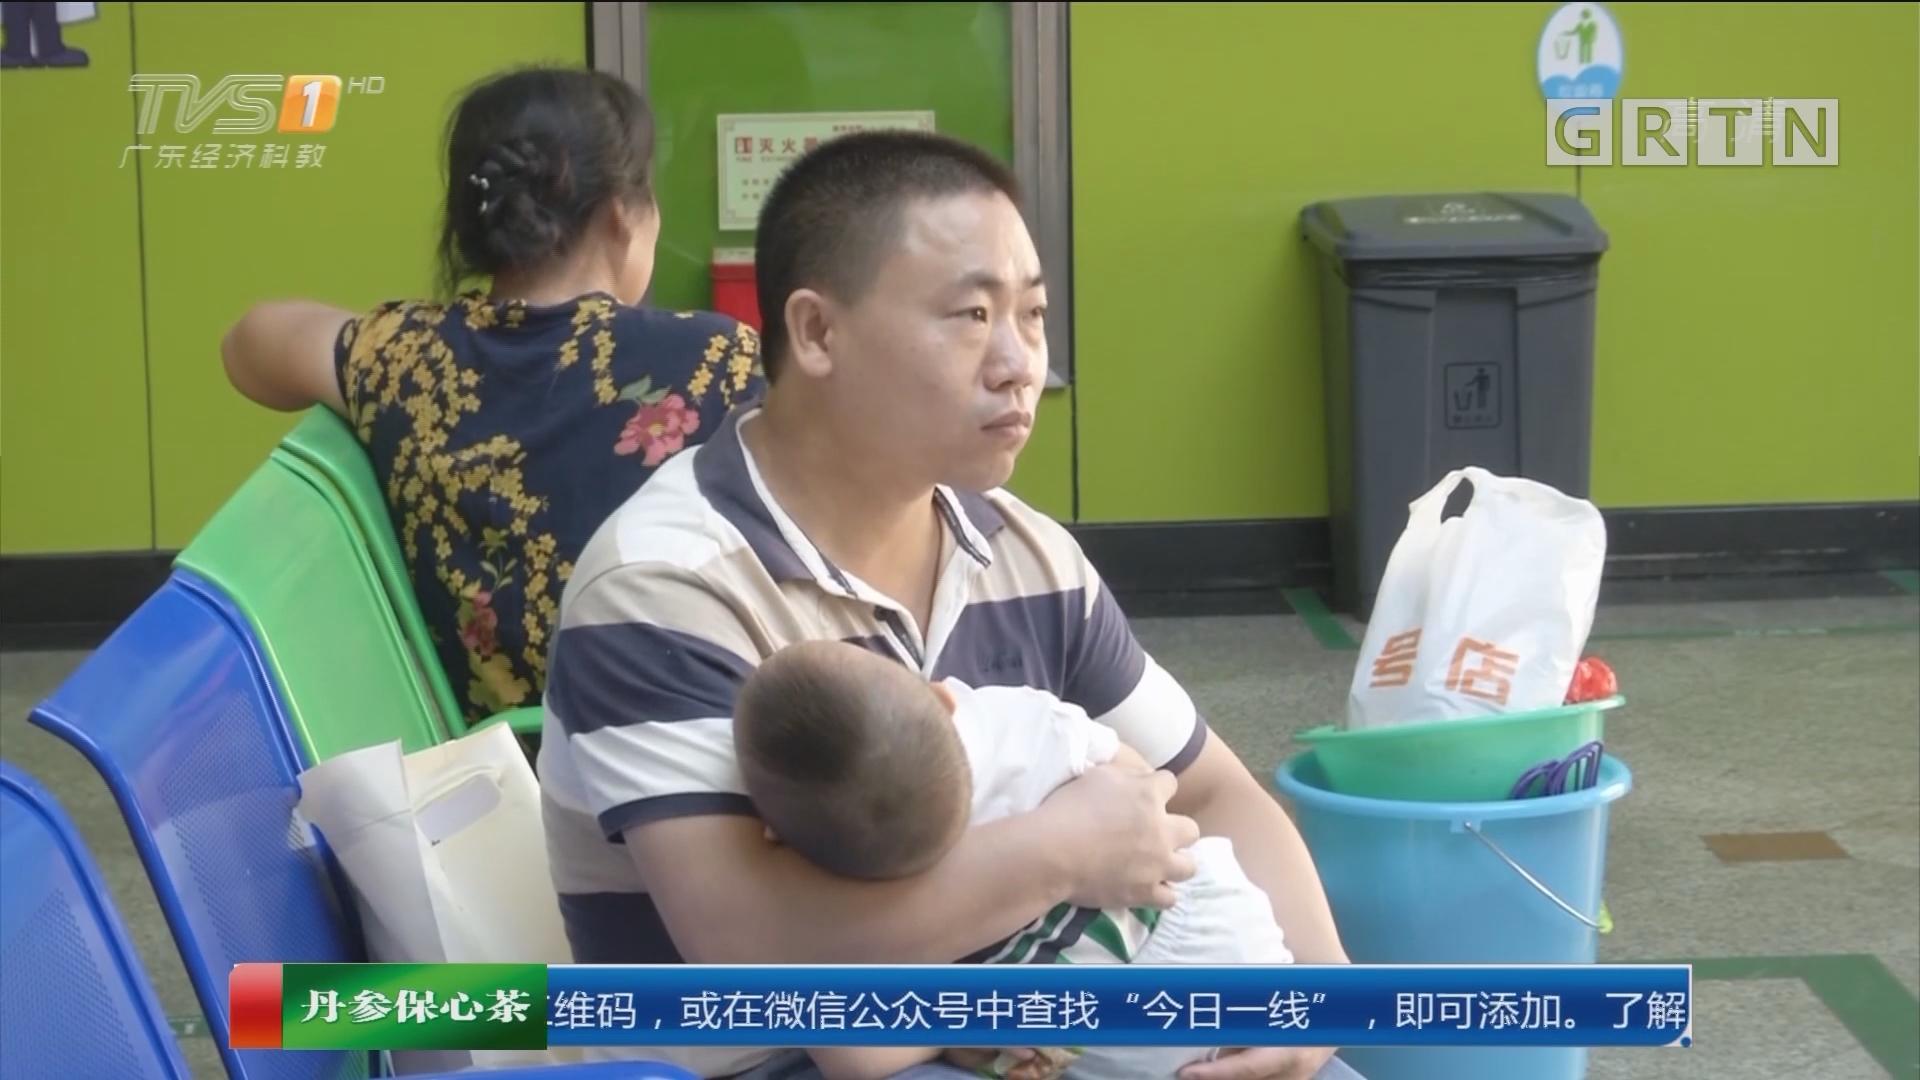 深圳:检出率下降 未来一周流感指数降为二级